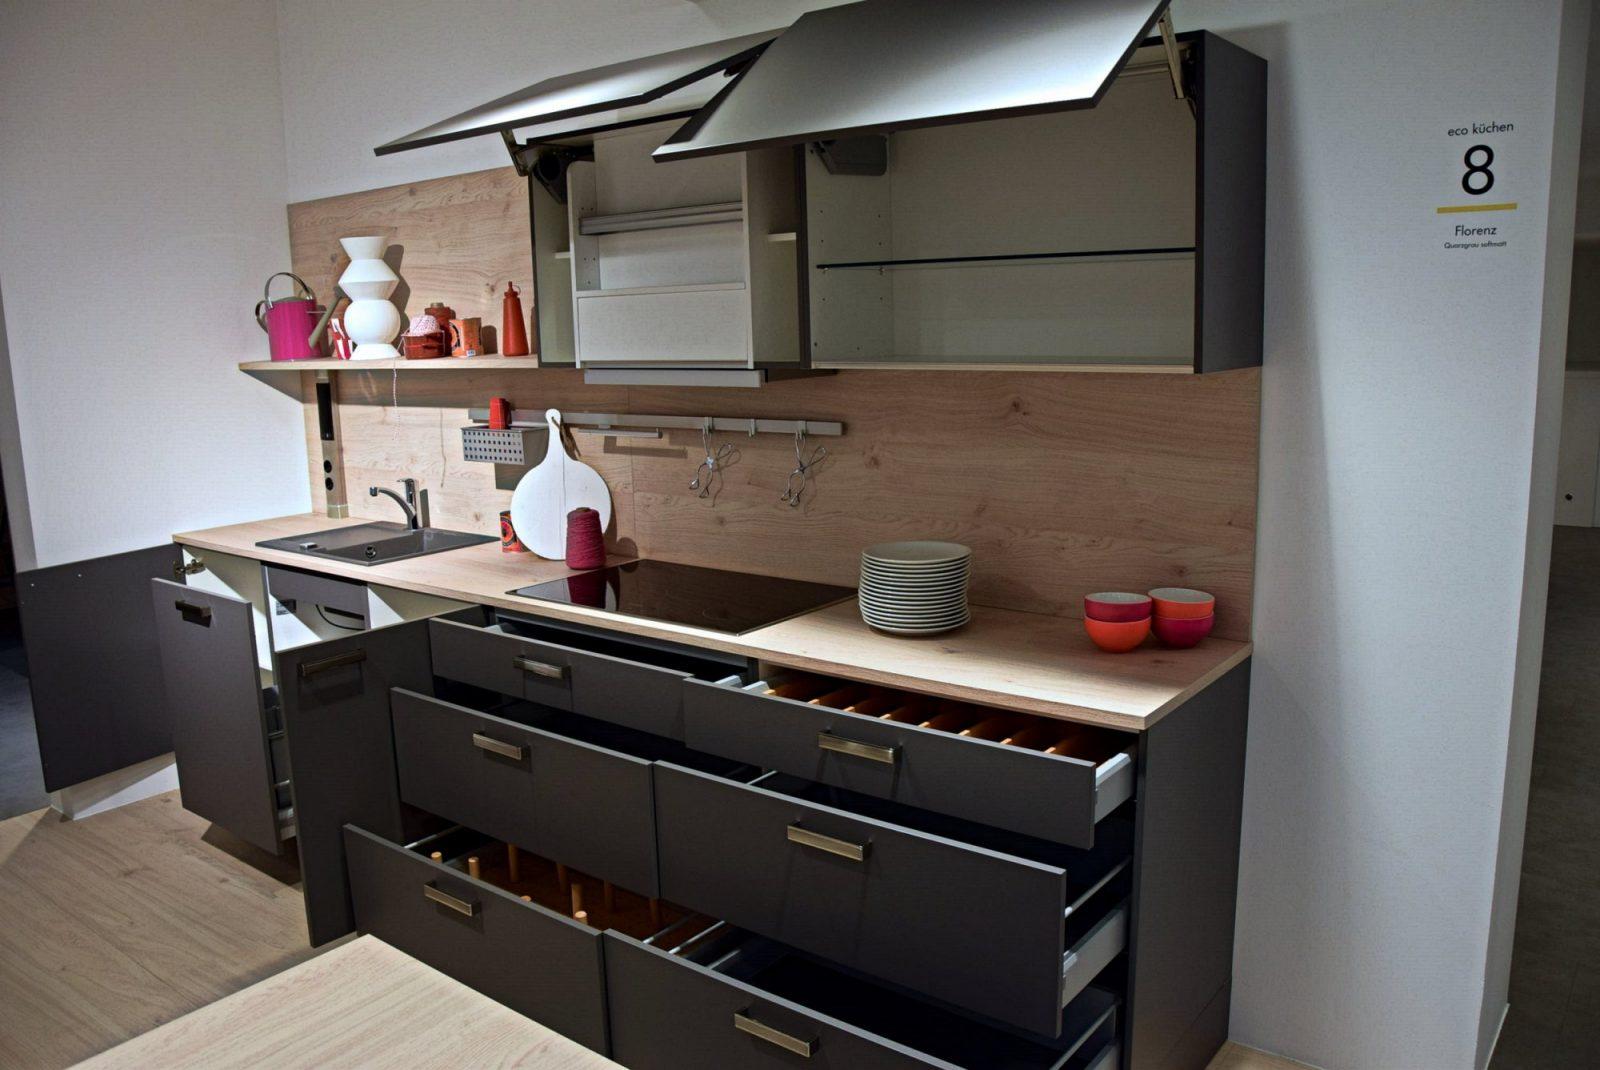 Nolte Küche Lackfront Grau Nolte Küchen Bis Zu 70 % Preiswerter Küche von Küchen In U Form Günstig Photo